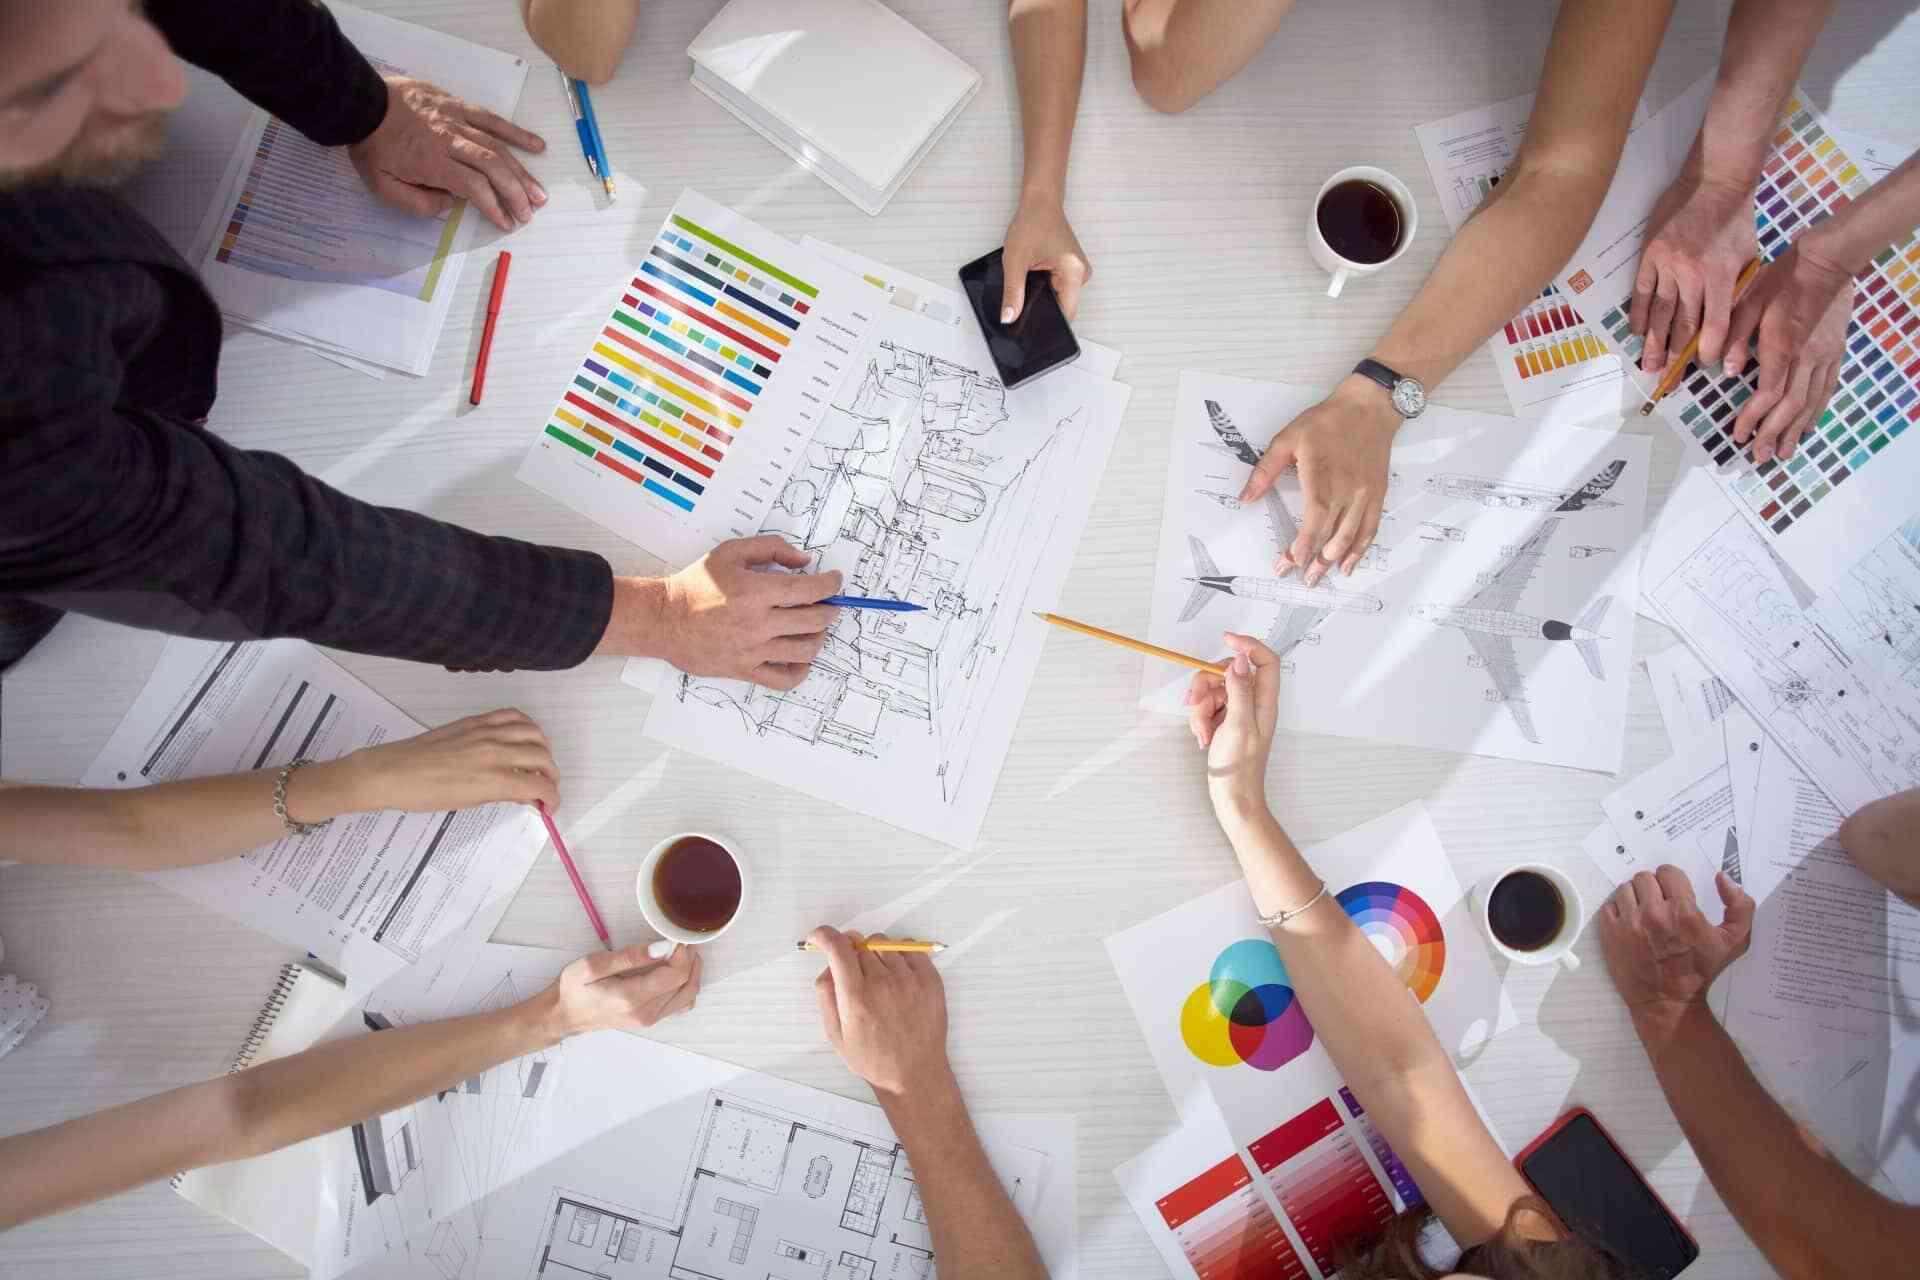 自己分析のやり方の前に-自己分析とは/企業が自己分析を求める理由-